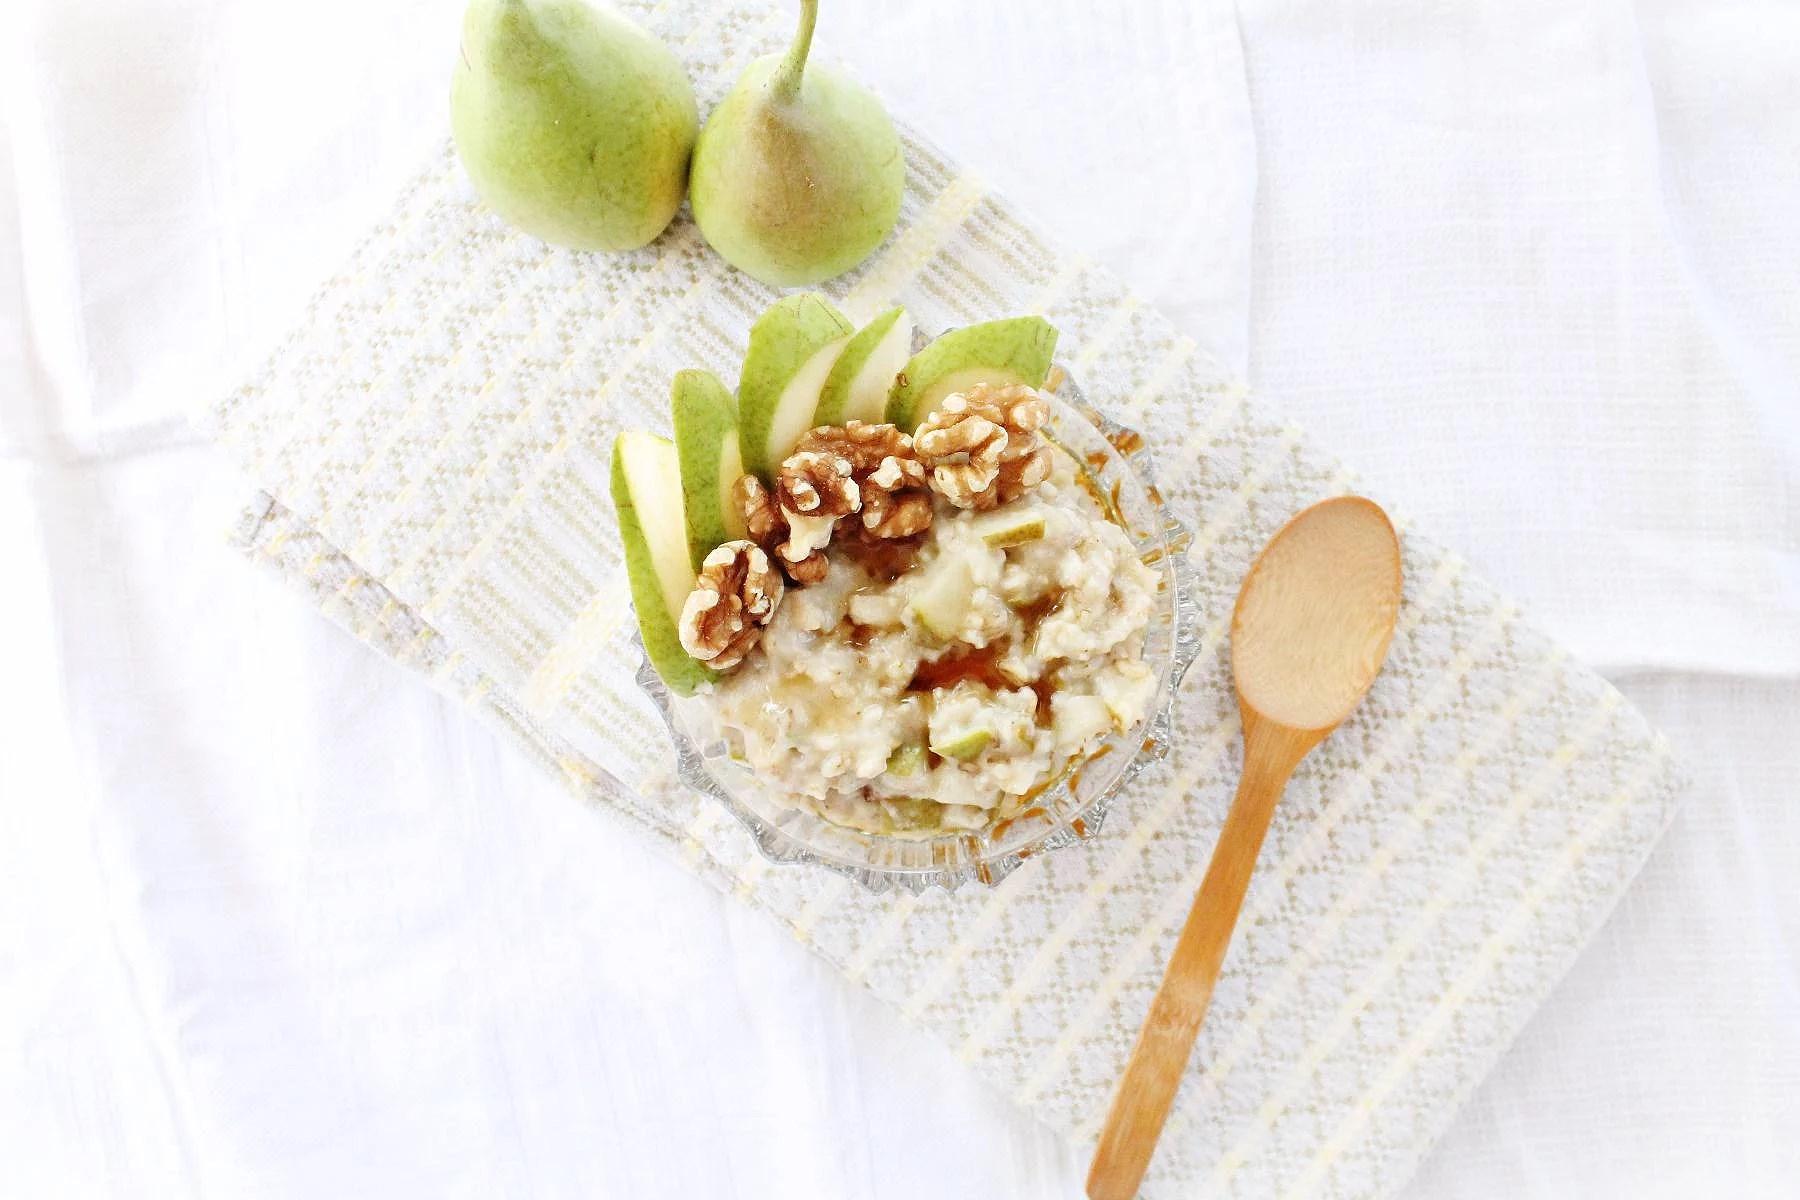 Pärongröt med valnötter och honung